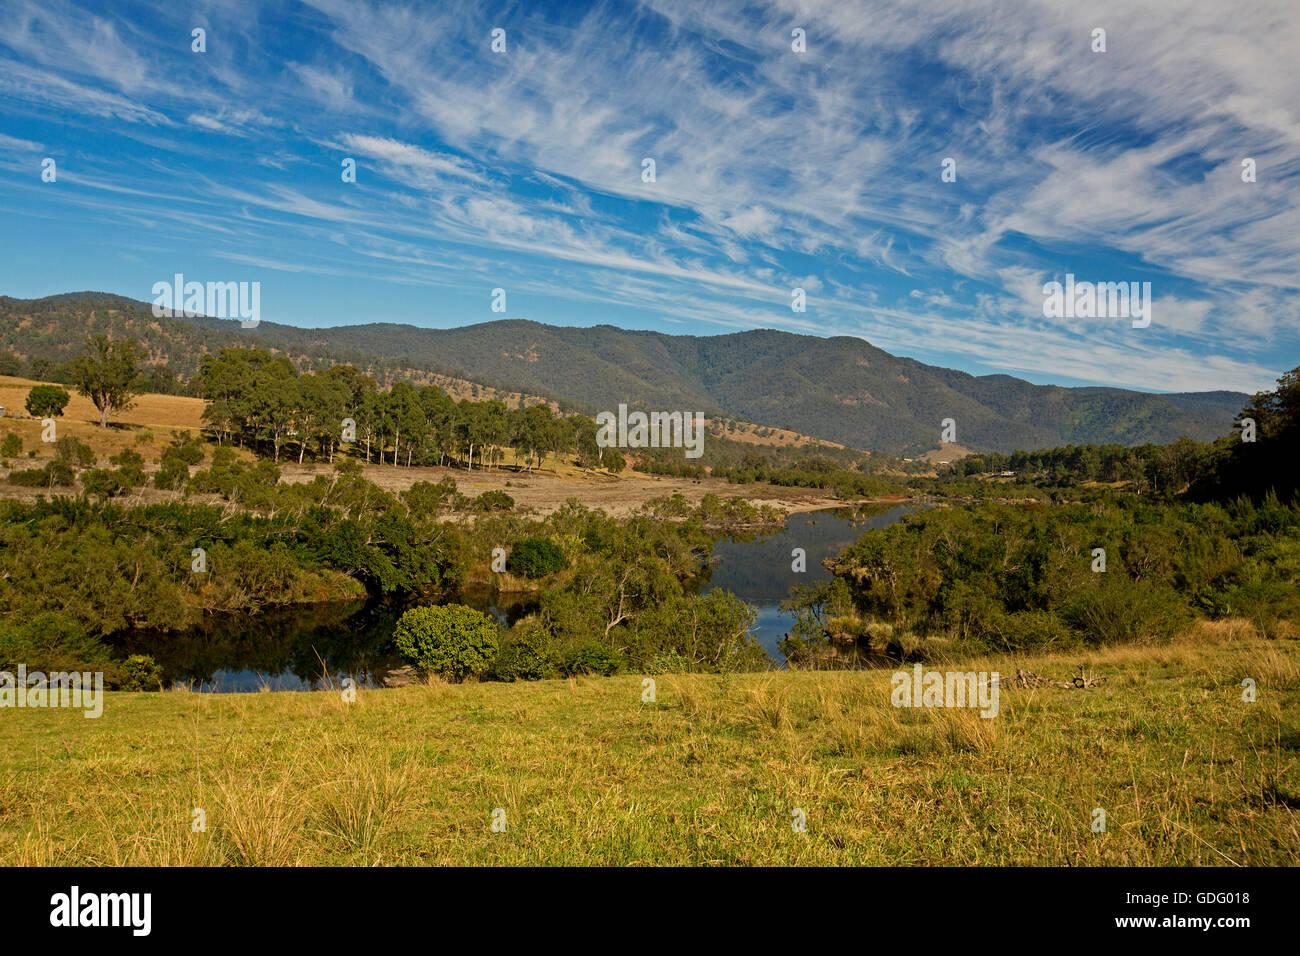 Impresionante paisaje, Mann Río atravesar bosques, pastos de oro, las colinas boscosas de la Gran Cordillera Imagen De Stock